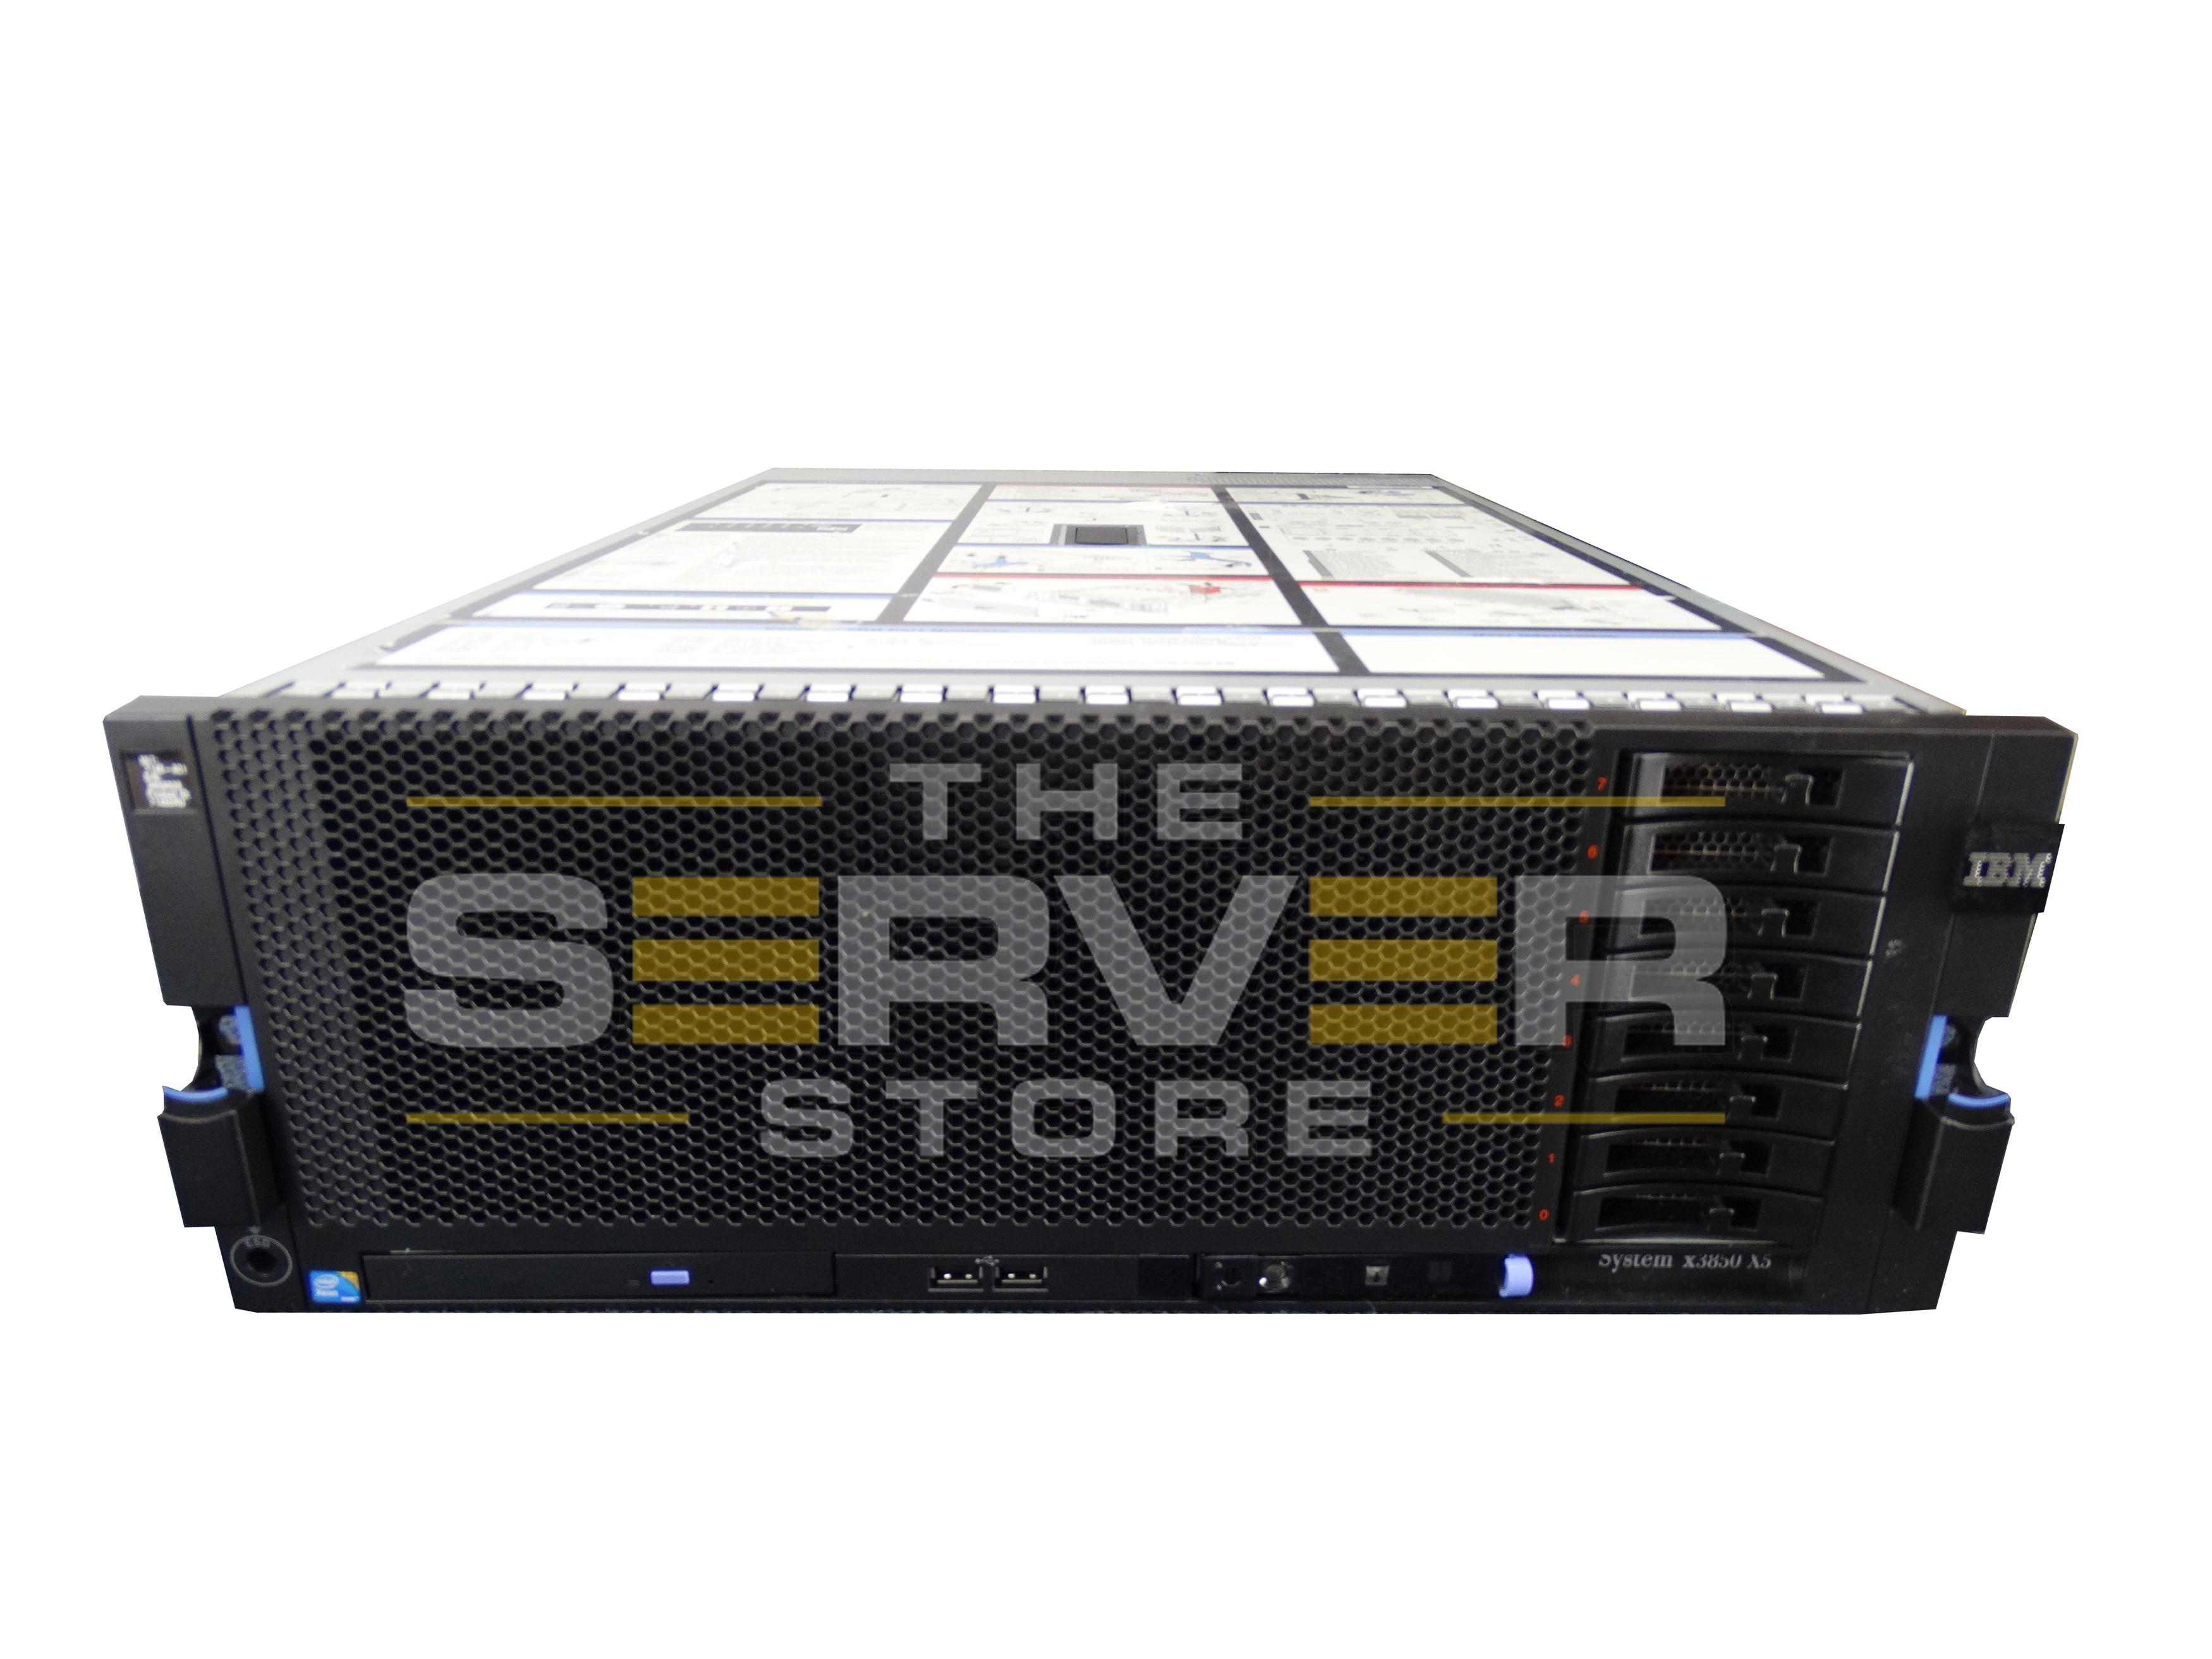 IBM Lenovo System X3850 X5 4U Server